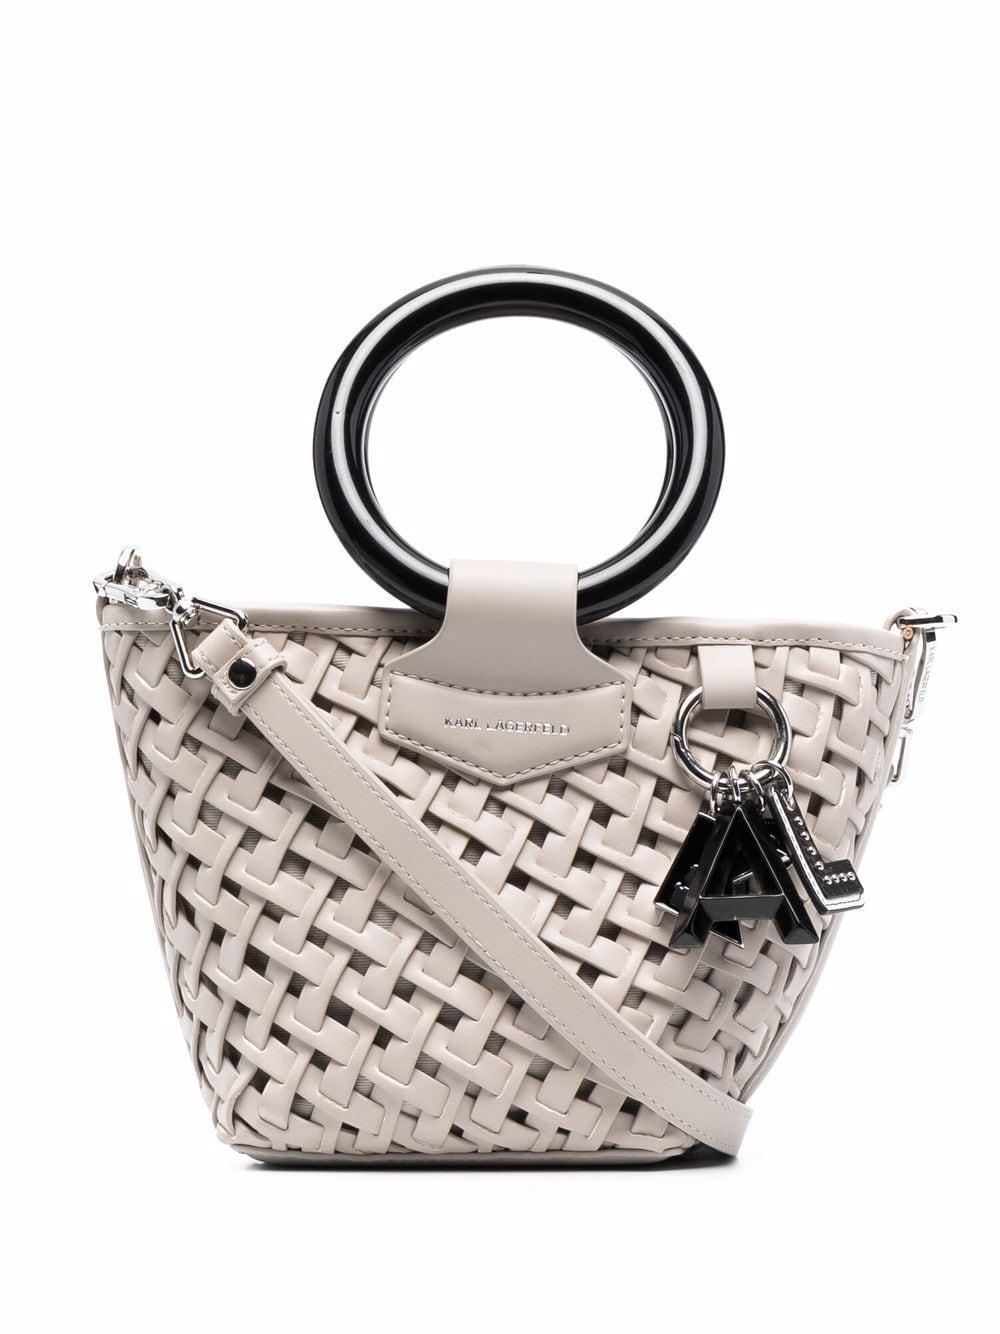 Karl Lagerfeld Kleine K/Basket Handtasche - Nude